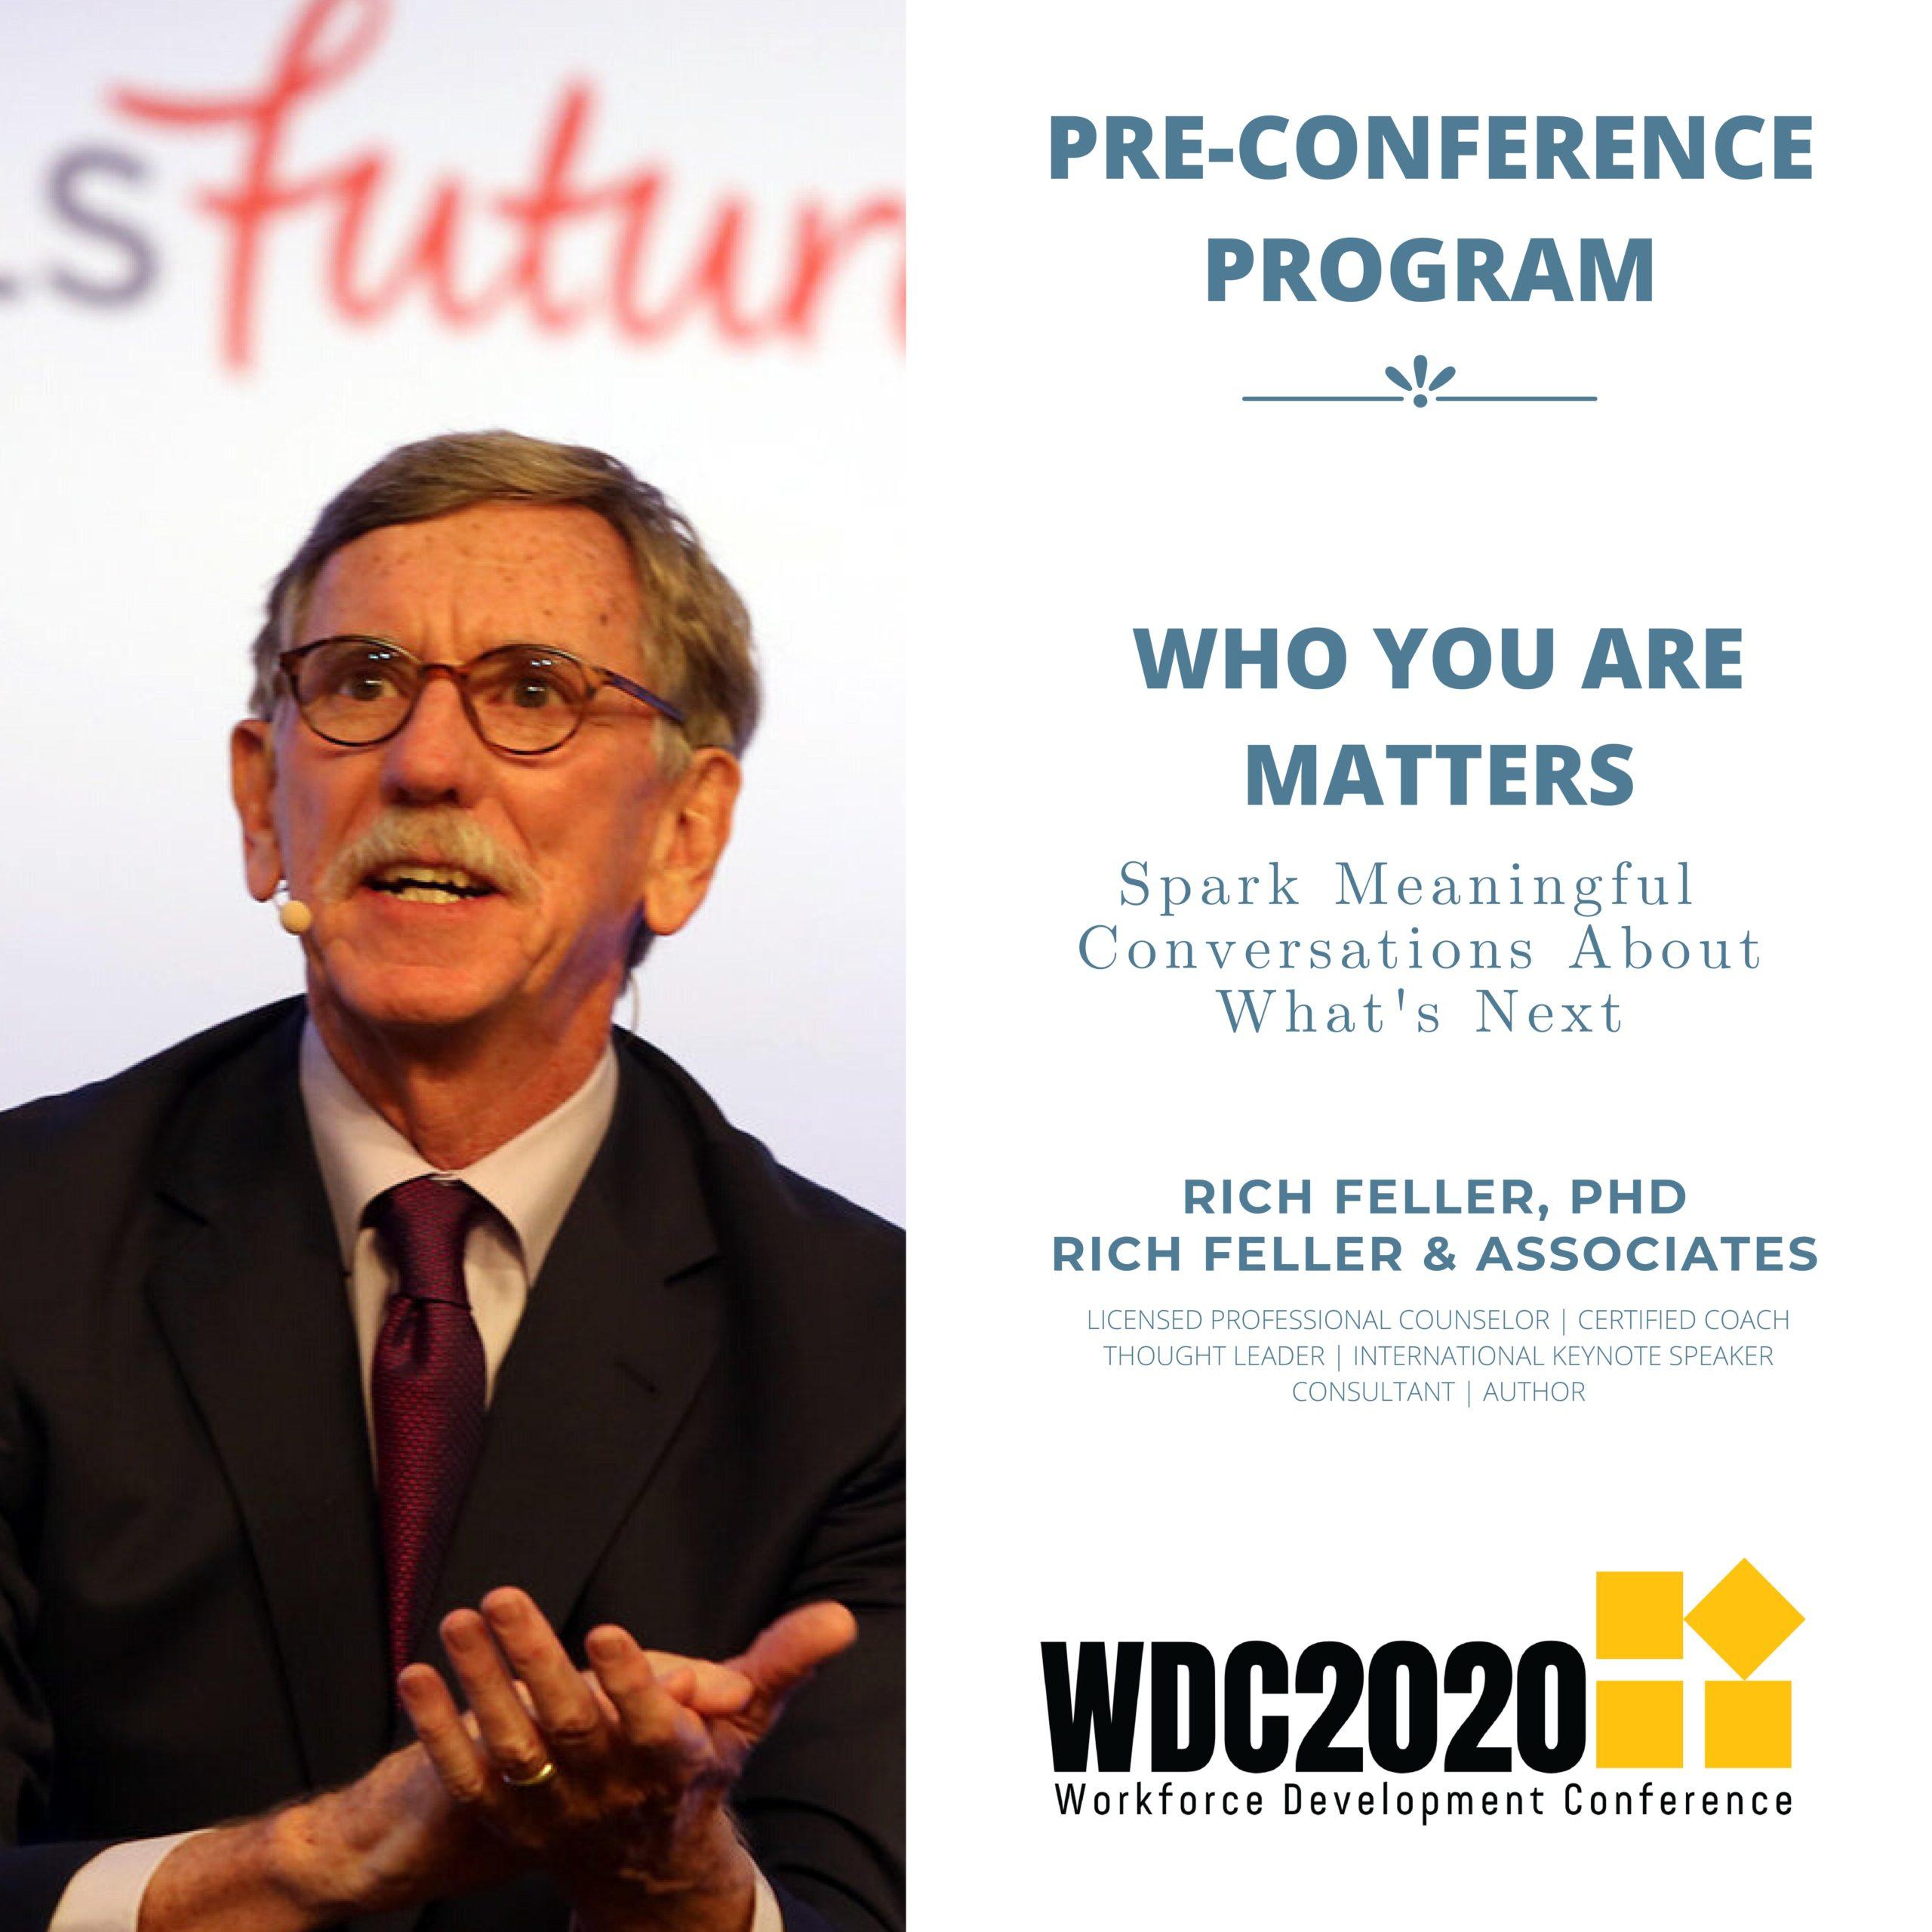 STEM Workforce Conference Delivers Workforce Development